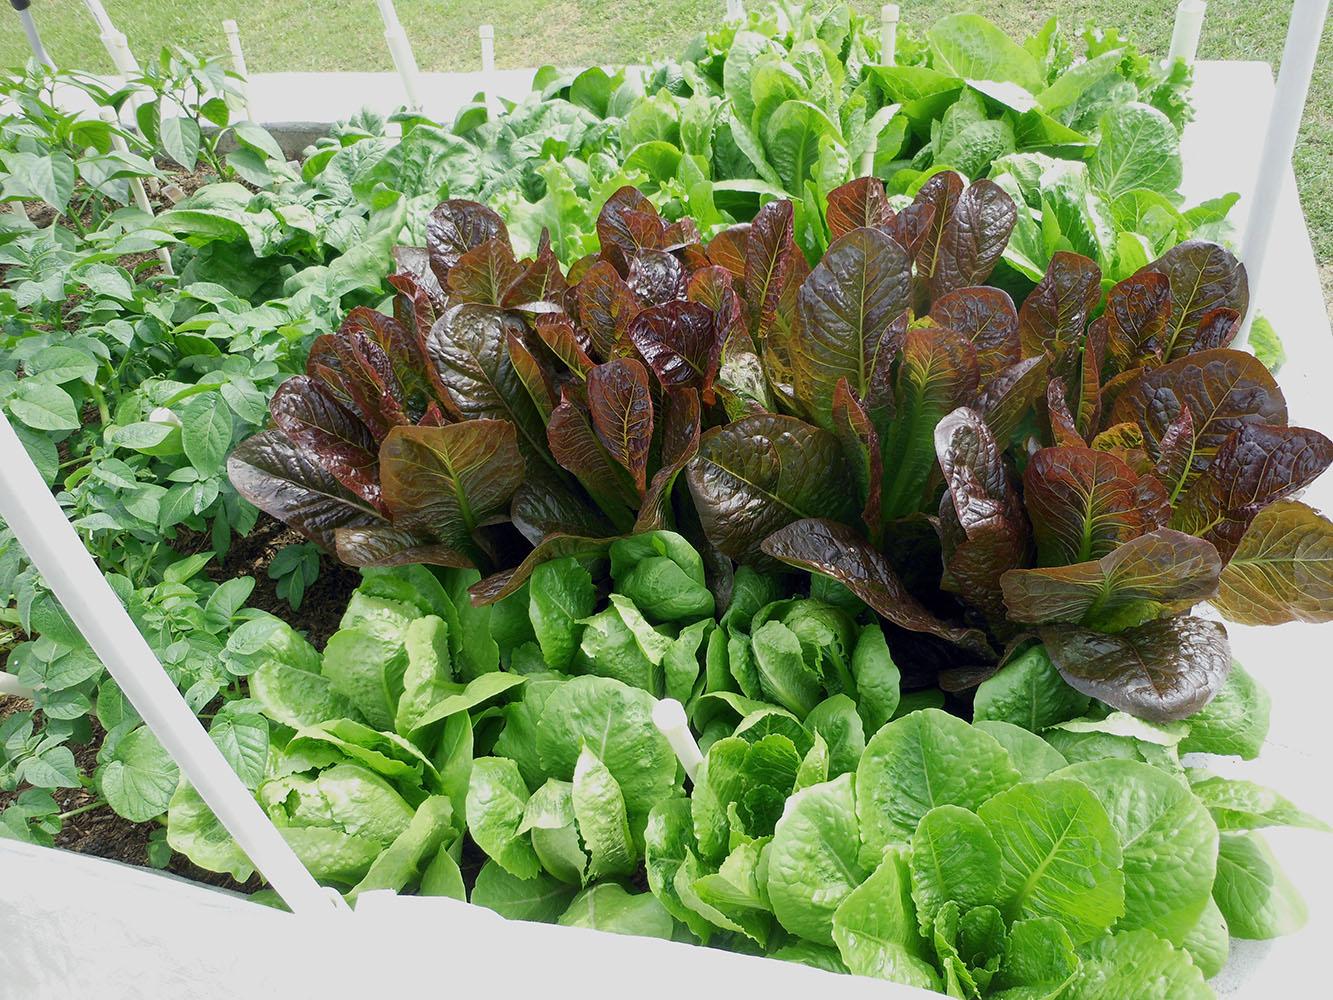 04-24-2015 Garden 2 Lettuce Spinach 05